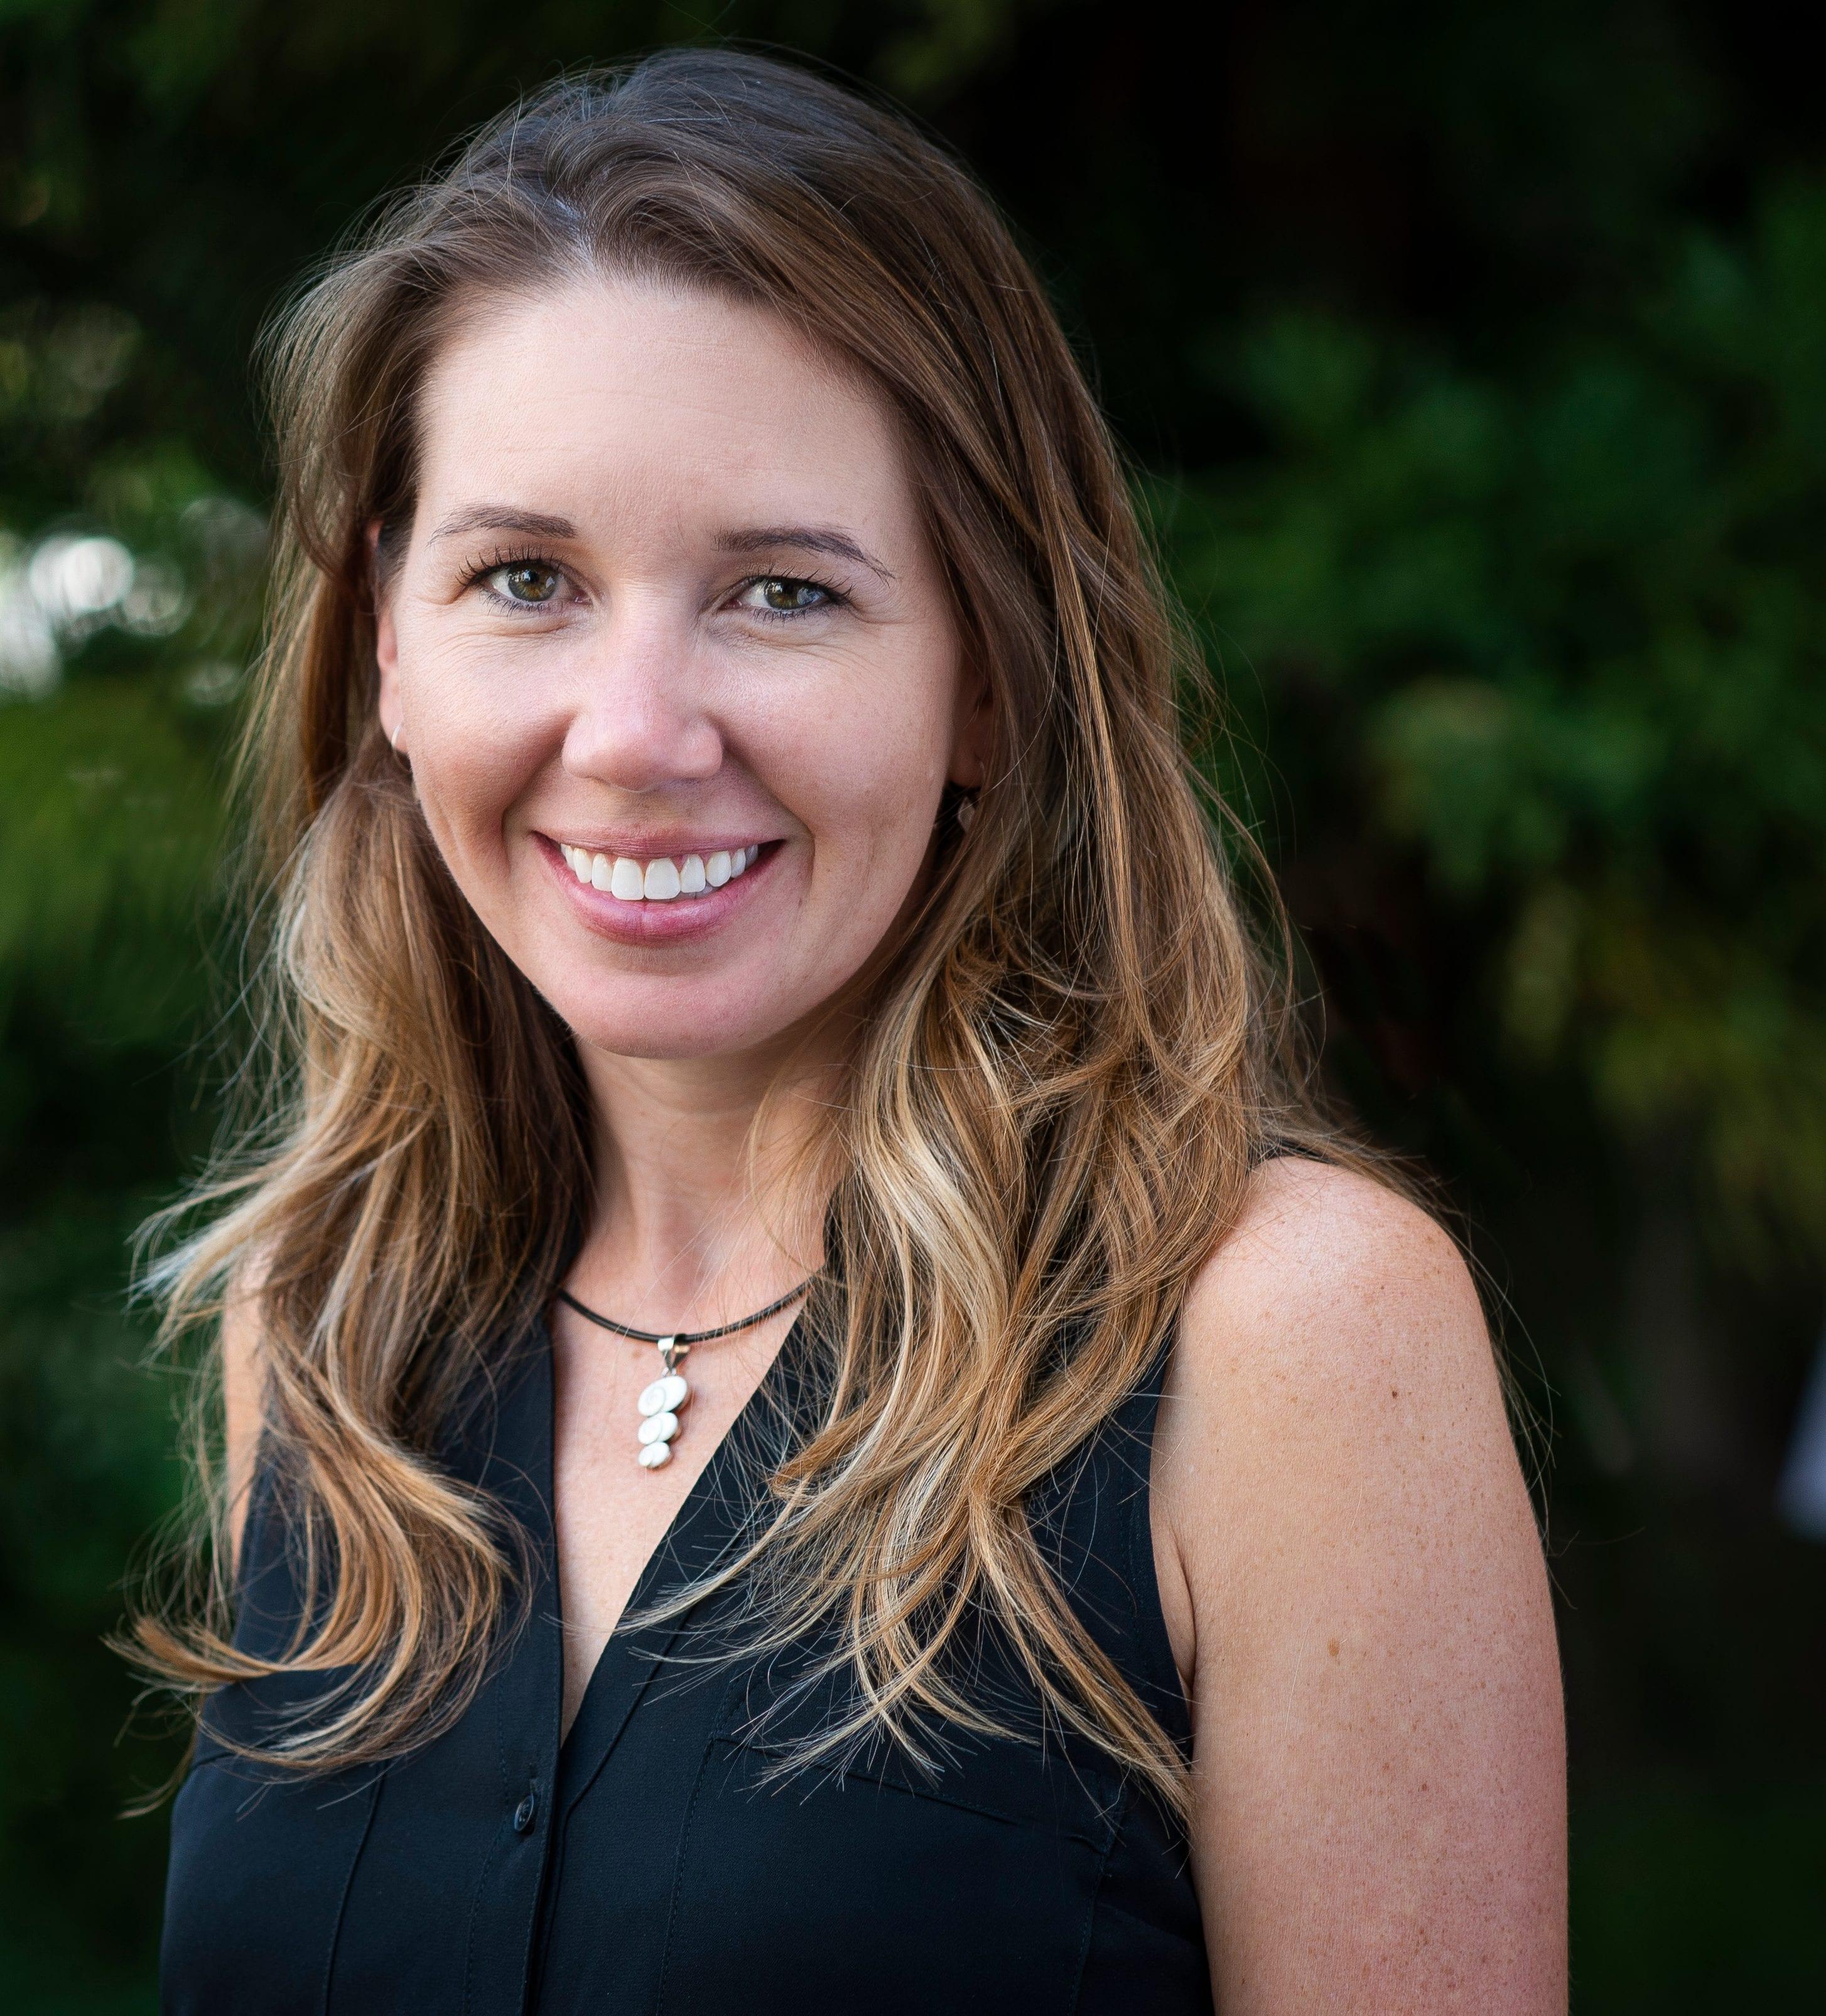 Katie Newbold